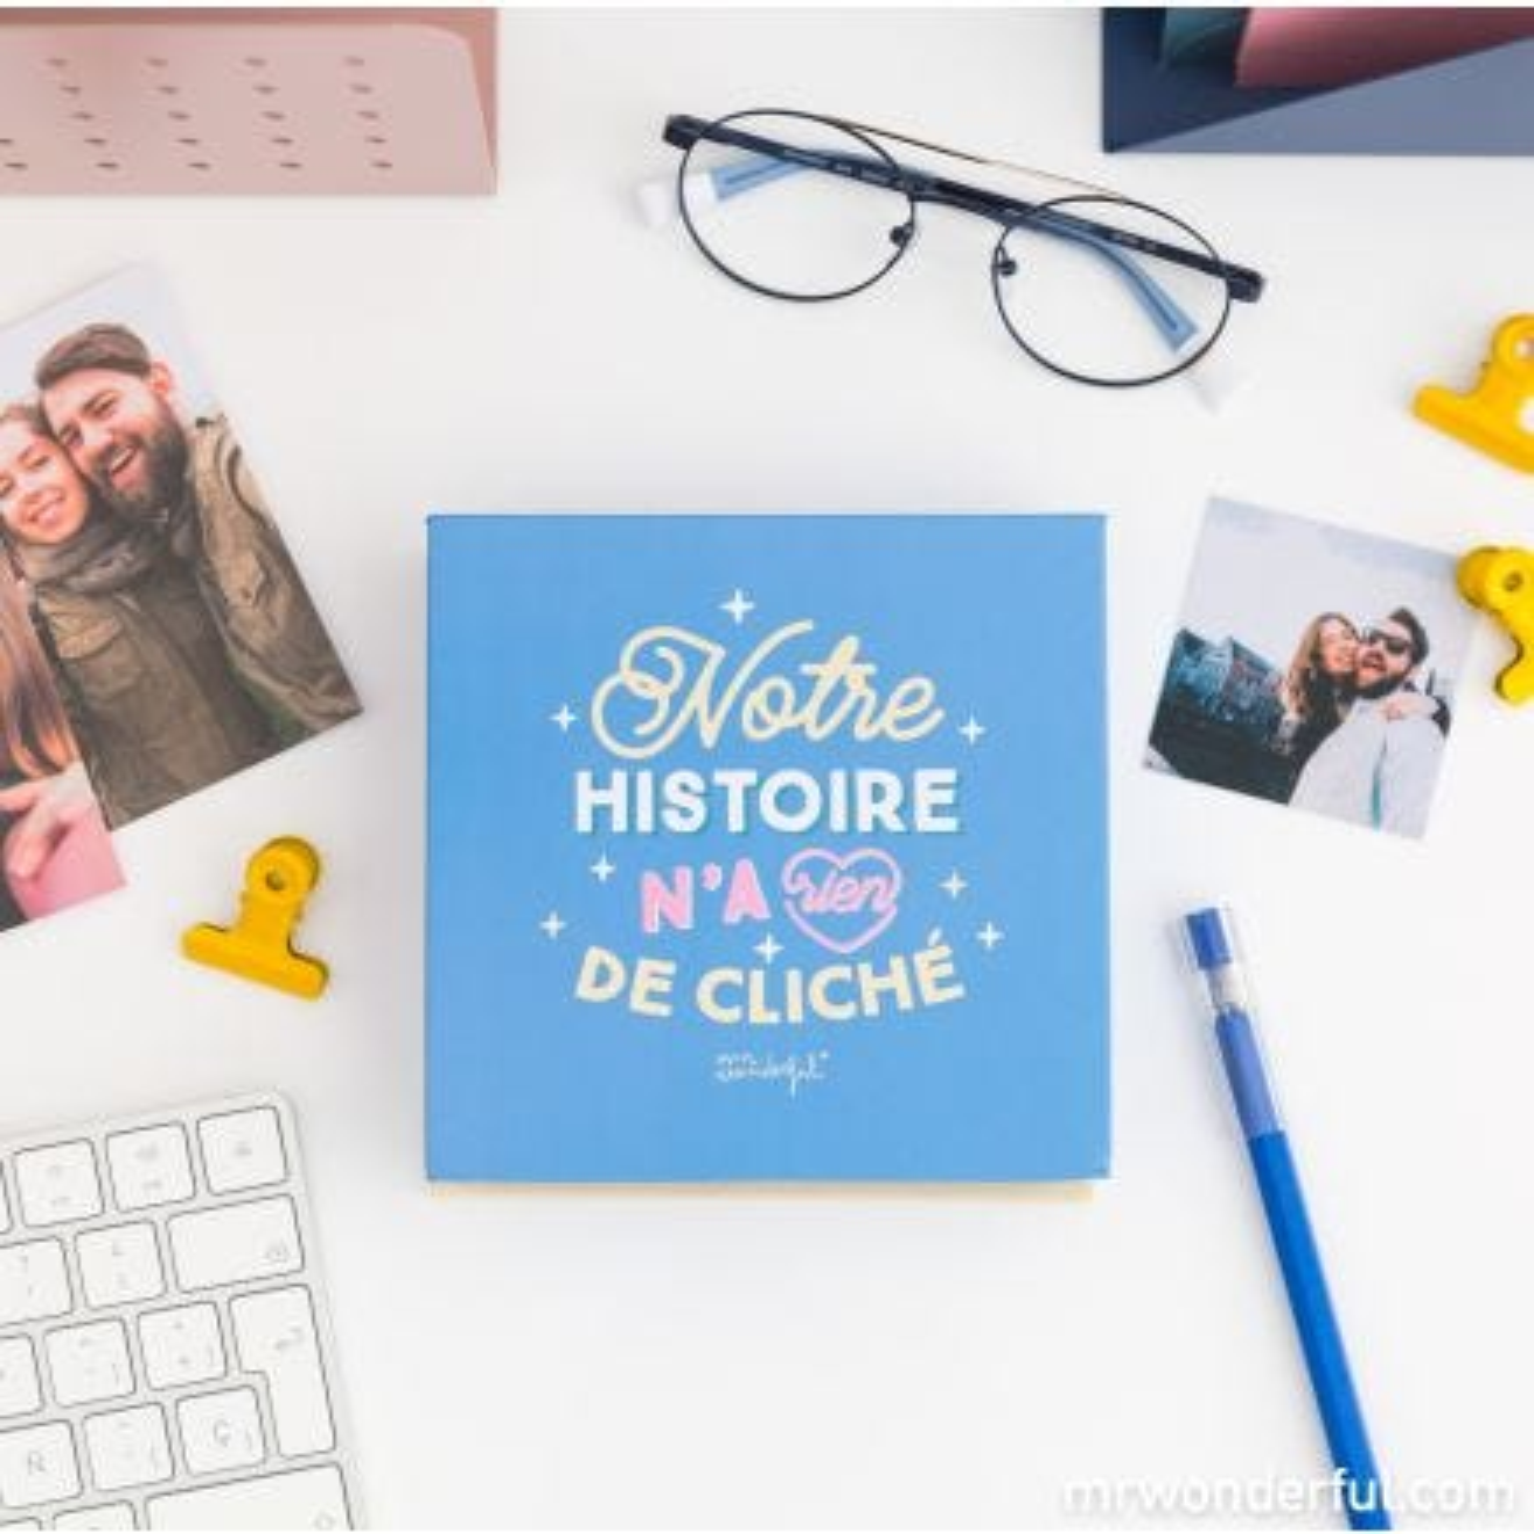 Boîte avec album photos - Moments qui n'appartiennent qu'à nous